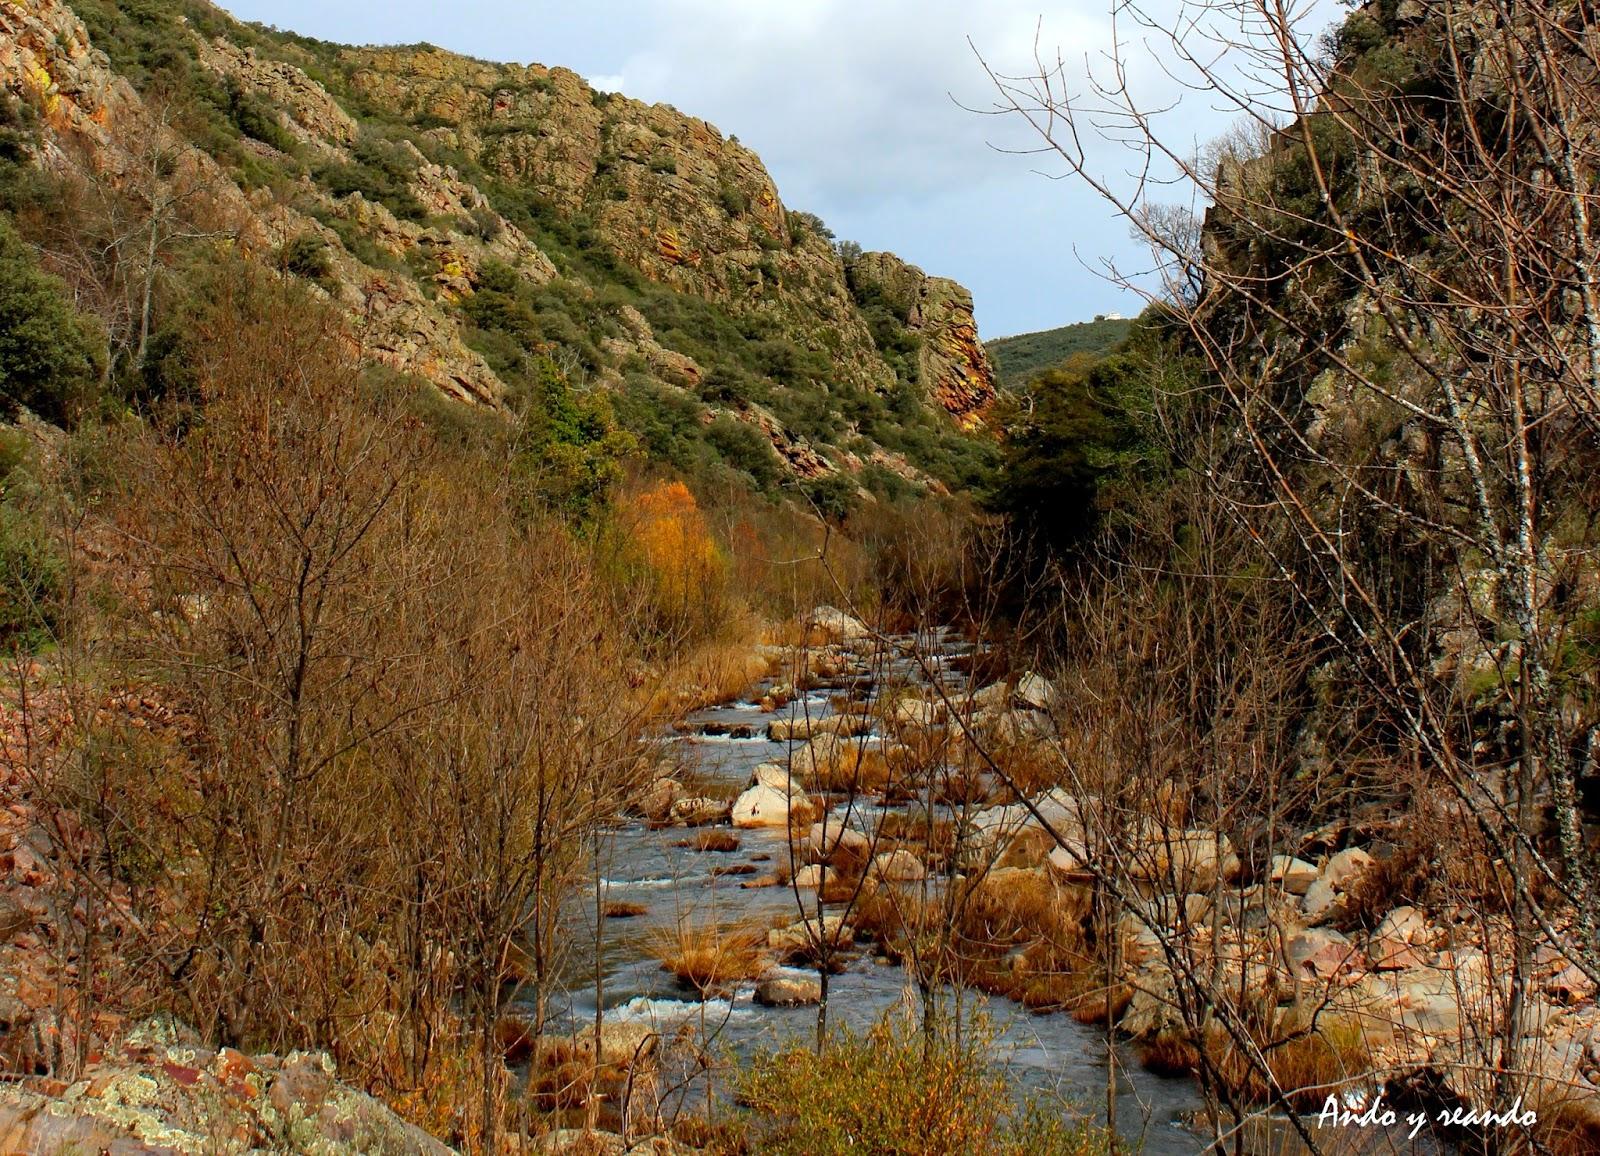 Río Estena y Boquerón de Estena